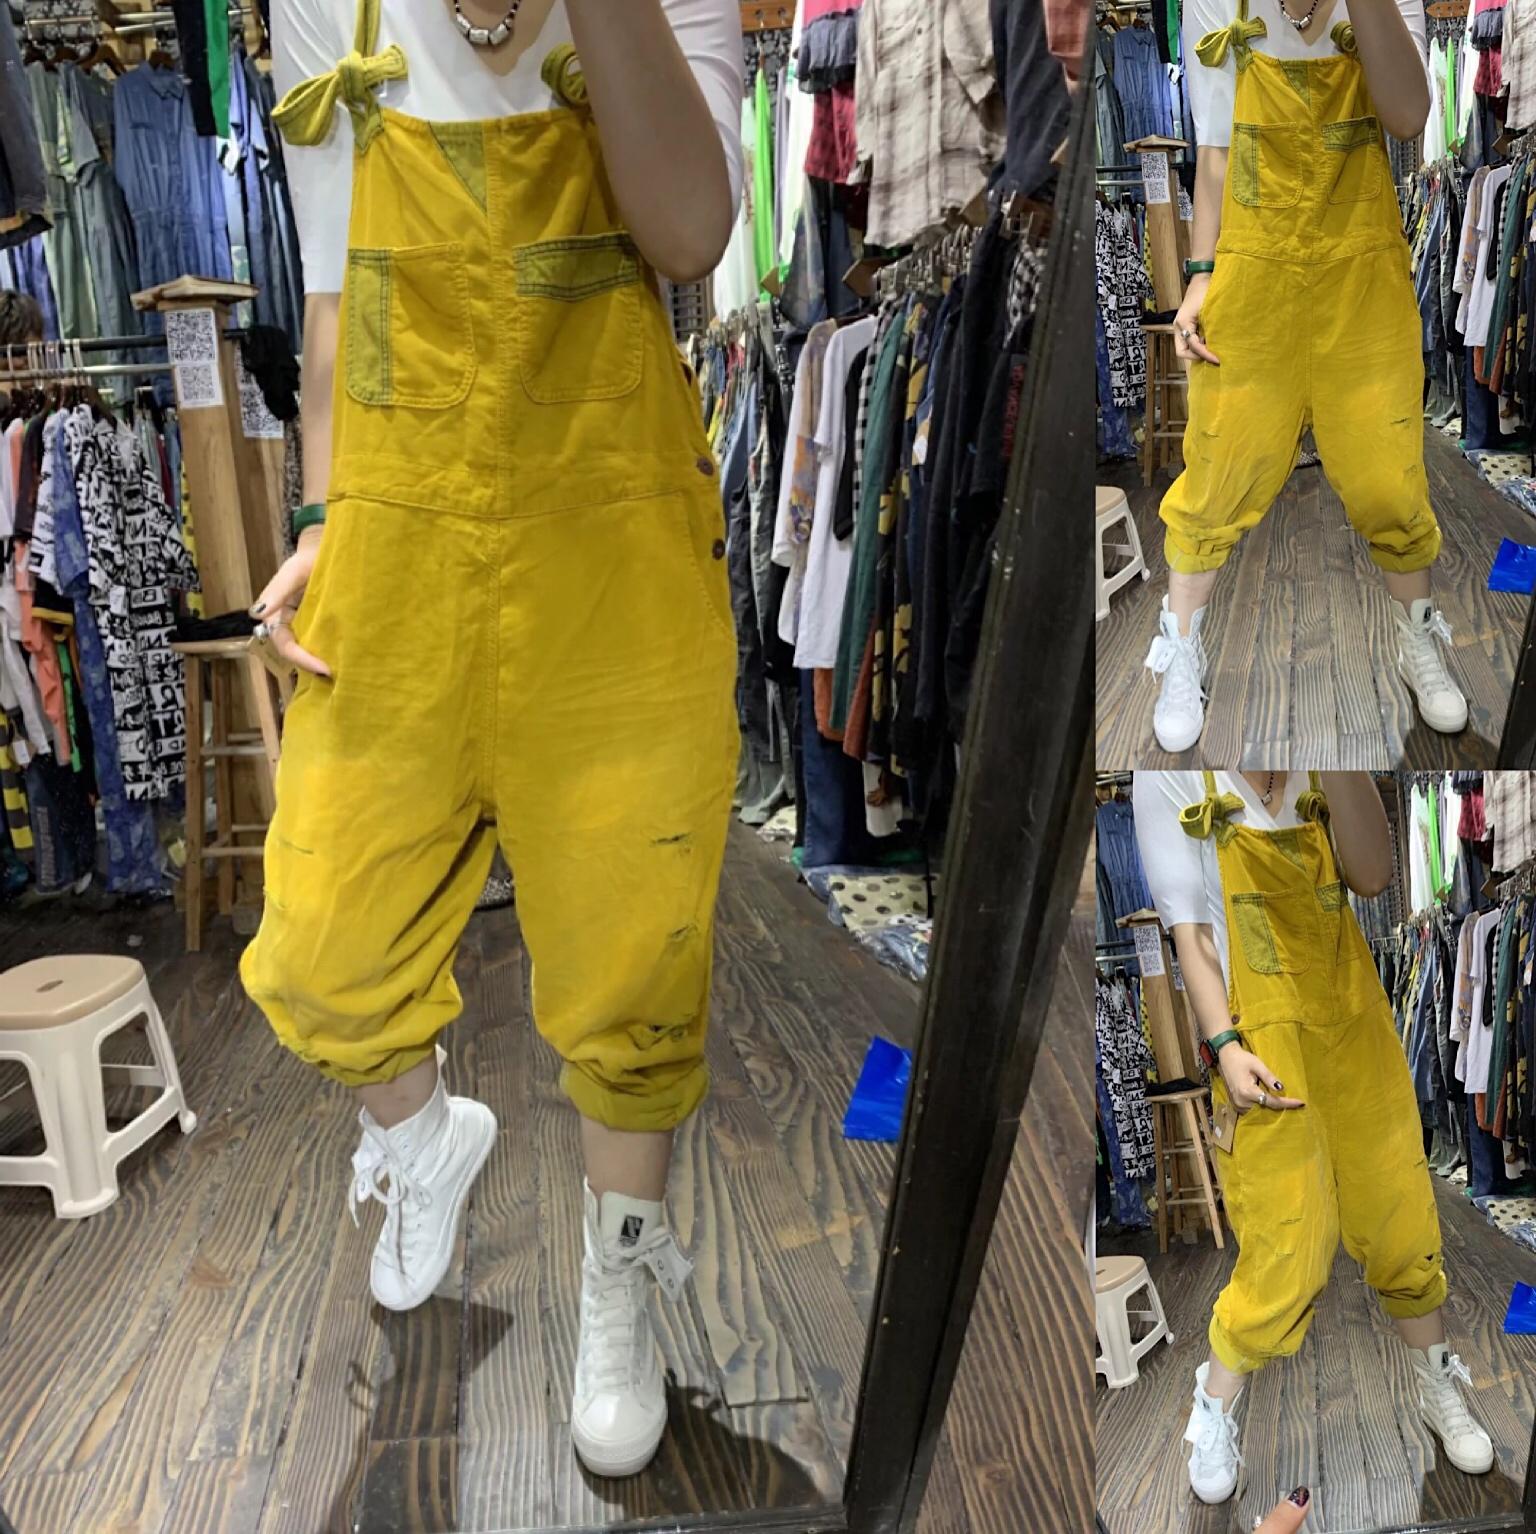 黄色牛仔裤 2020秋冬新款破洞磨白黄色牛仔背带裤女哈伦裤宽松大码显瘦百搭裤_推荐淘宝好看的黄色牛仔裤